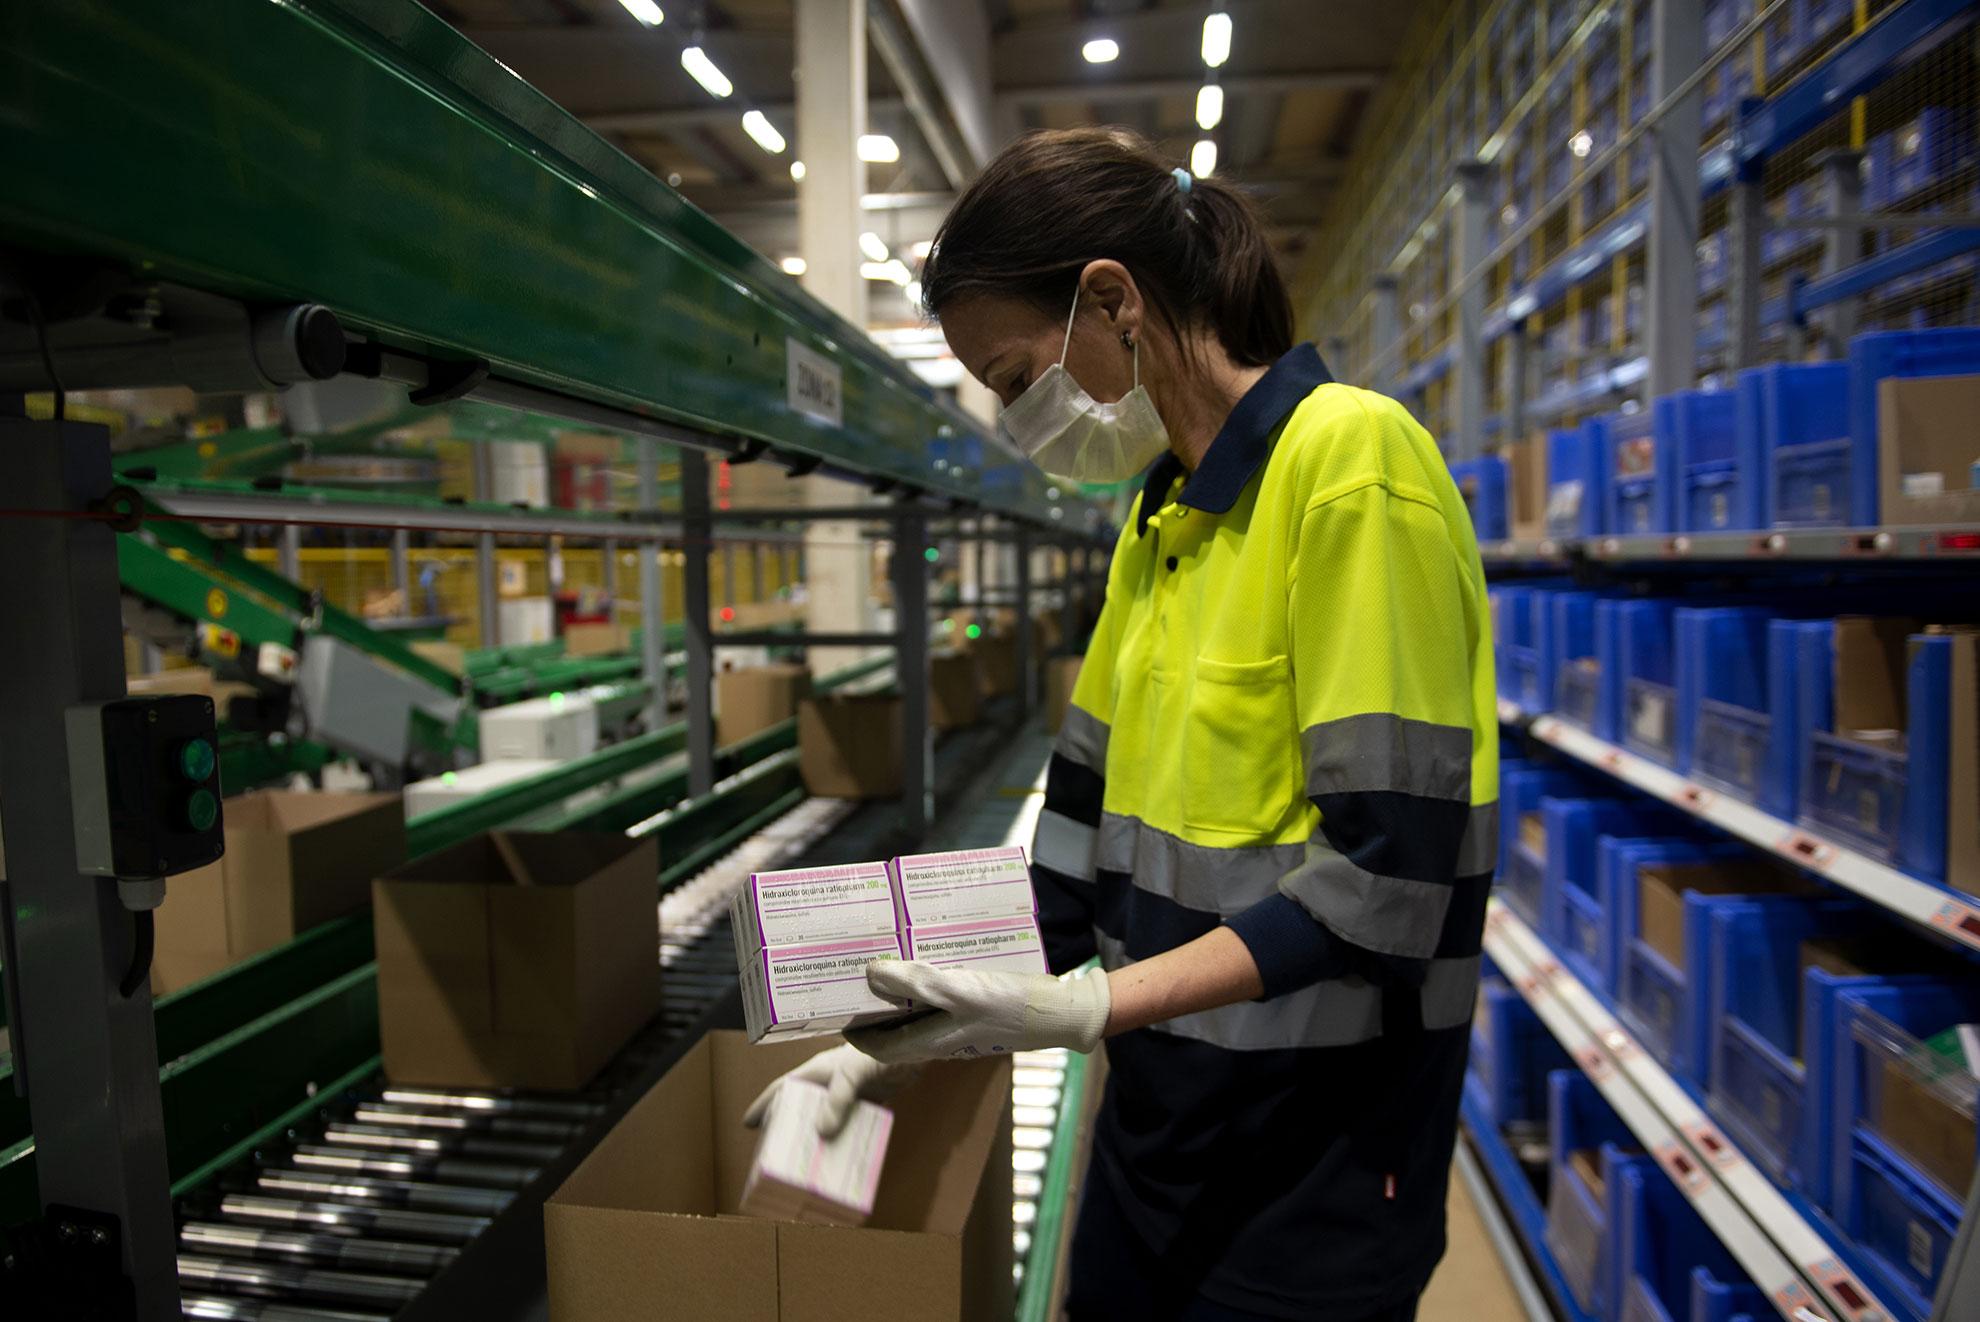 13.000 cajas de Hidroxicloroquina de la farmaceutica Teva almacenadas en Zaragoza se repartirán a todos los centros hospitalarios de España donde sean necesarias. ©Judith Prat Covid Photo Diaries